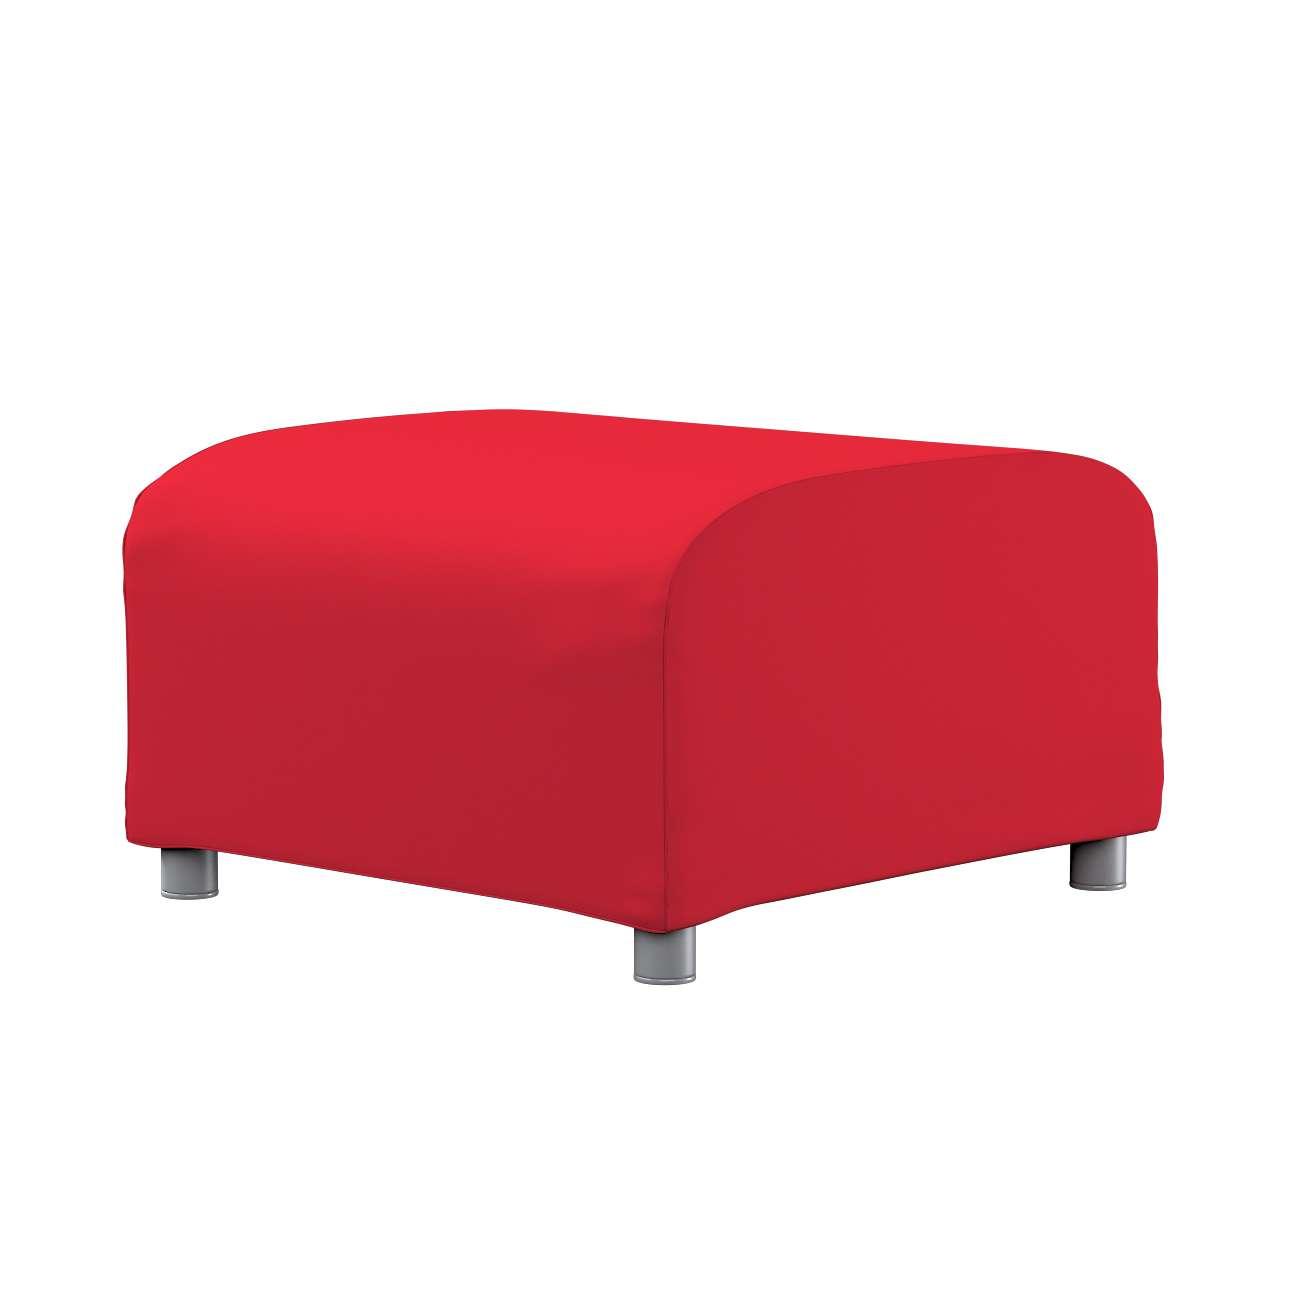 KLIPPAN pufo užvalkalas Klippan footstool cover kolekcijoje Cotton Panama, audinys: 702-04